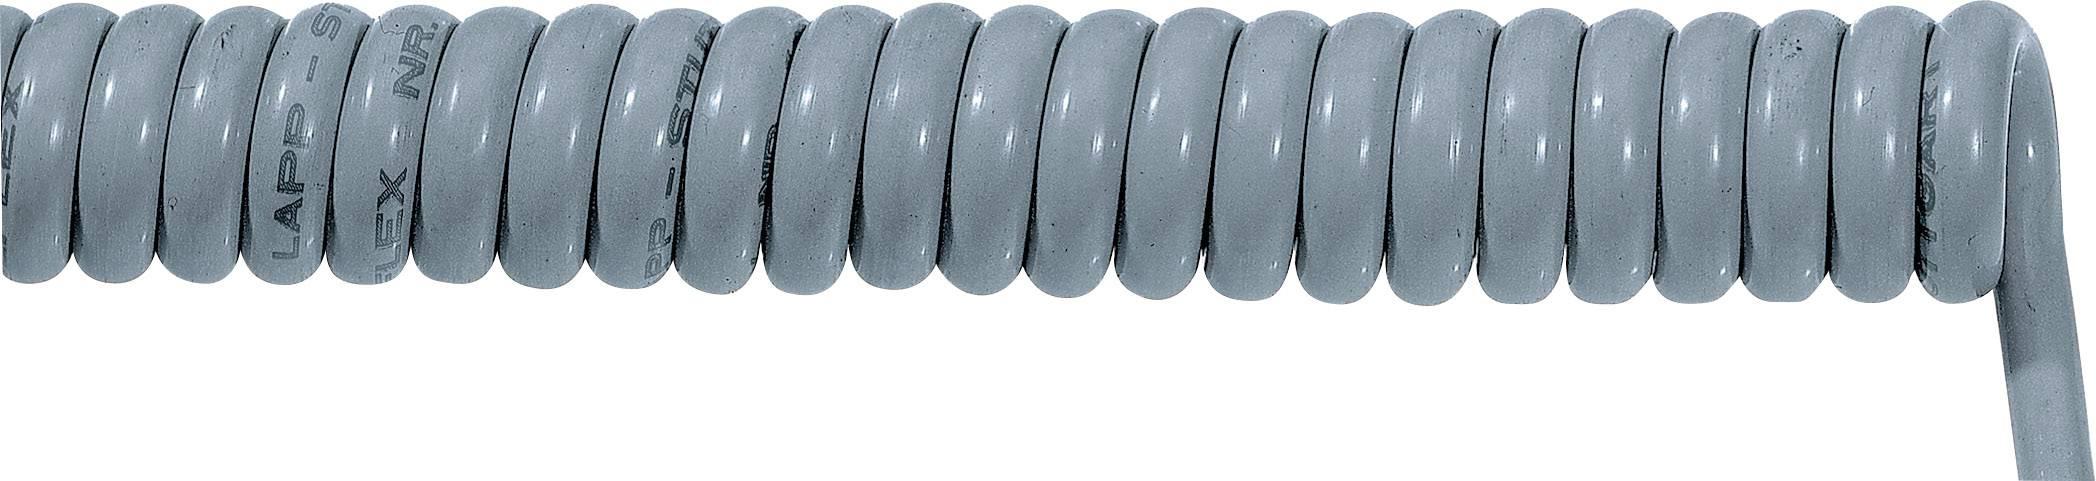 Špirálový kábel 70002683 ÖLFLEX® SPIRAL 400 P 2 x 1.50 mm², 1500 mm / 4500 mm, sivá